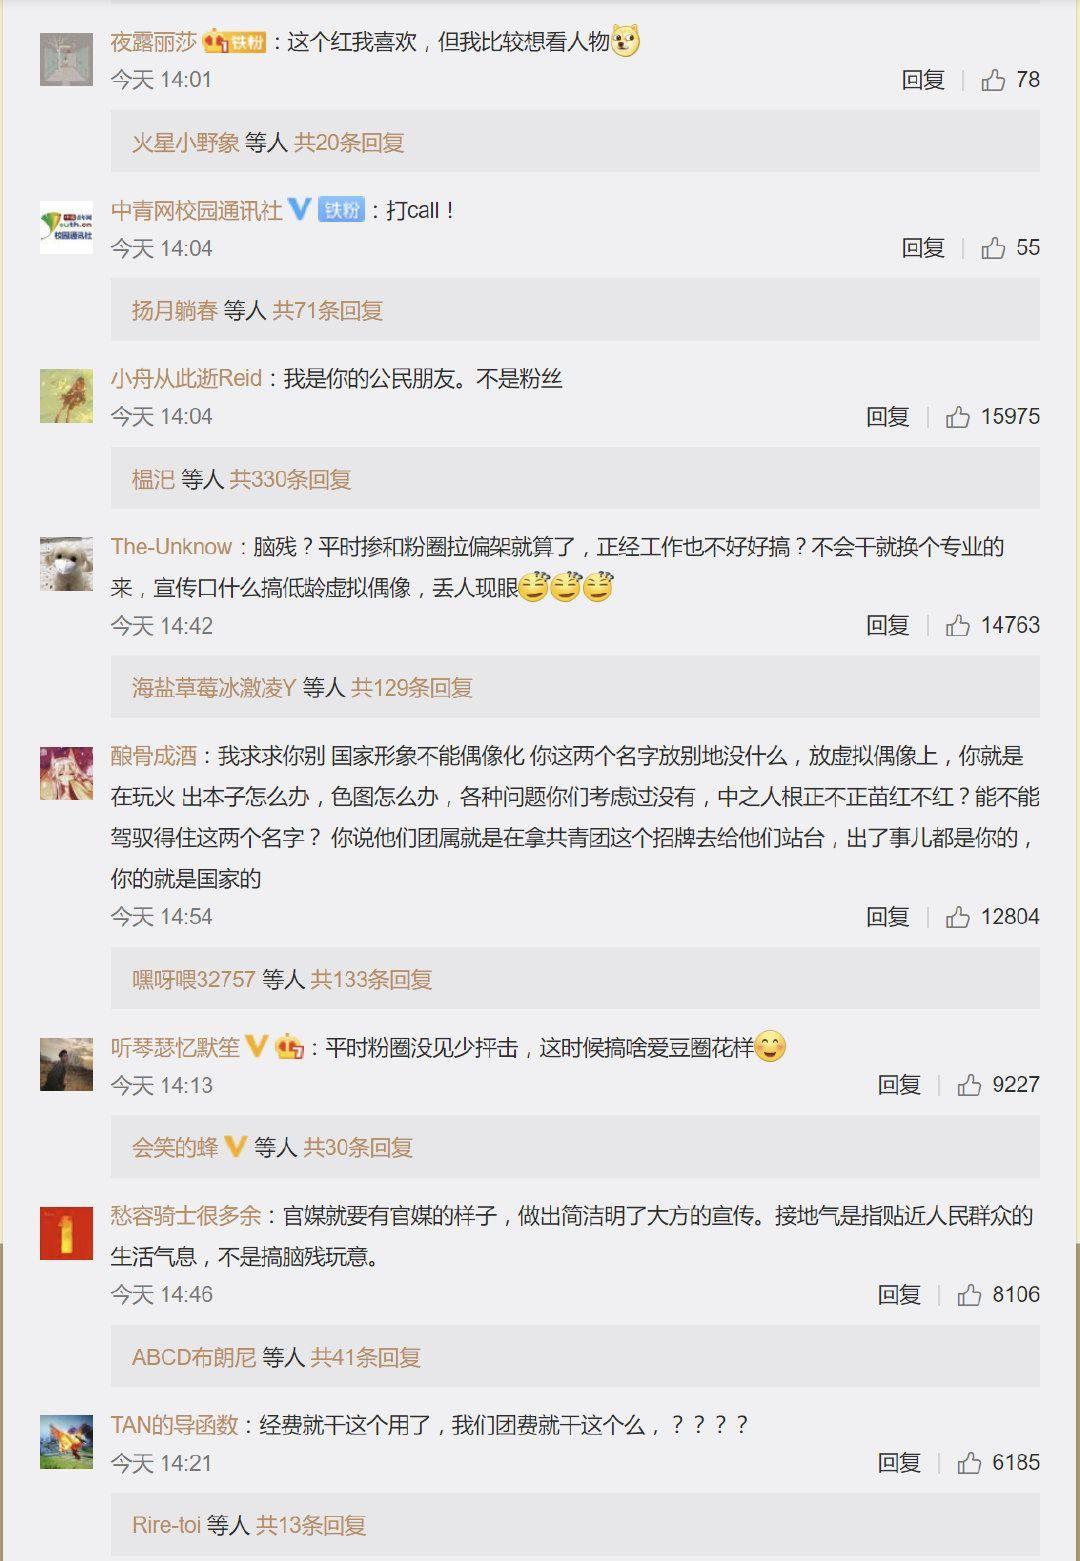 共青团 虚拟偶像 江山娇 红旗漫